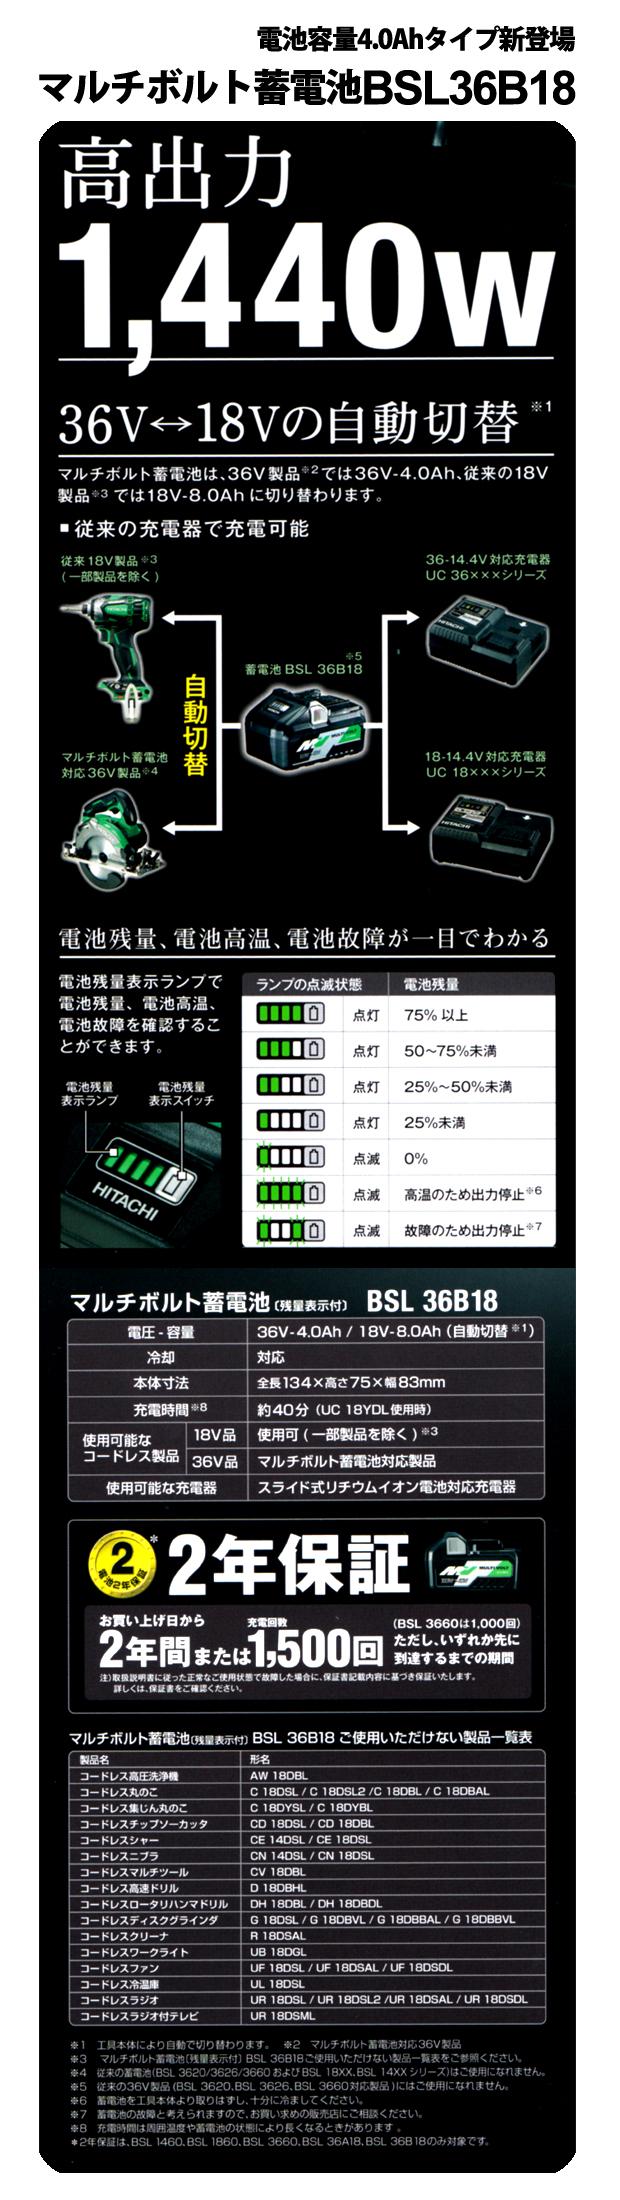 日立 マルチボルト蓄電池 BSL36B18 (36V-4.0Ah/18V-8.0Ah)